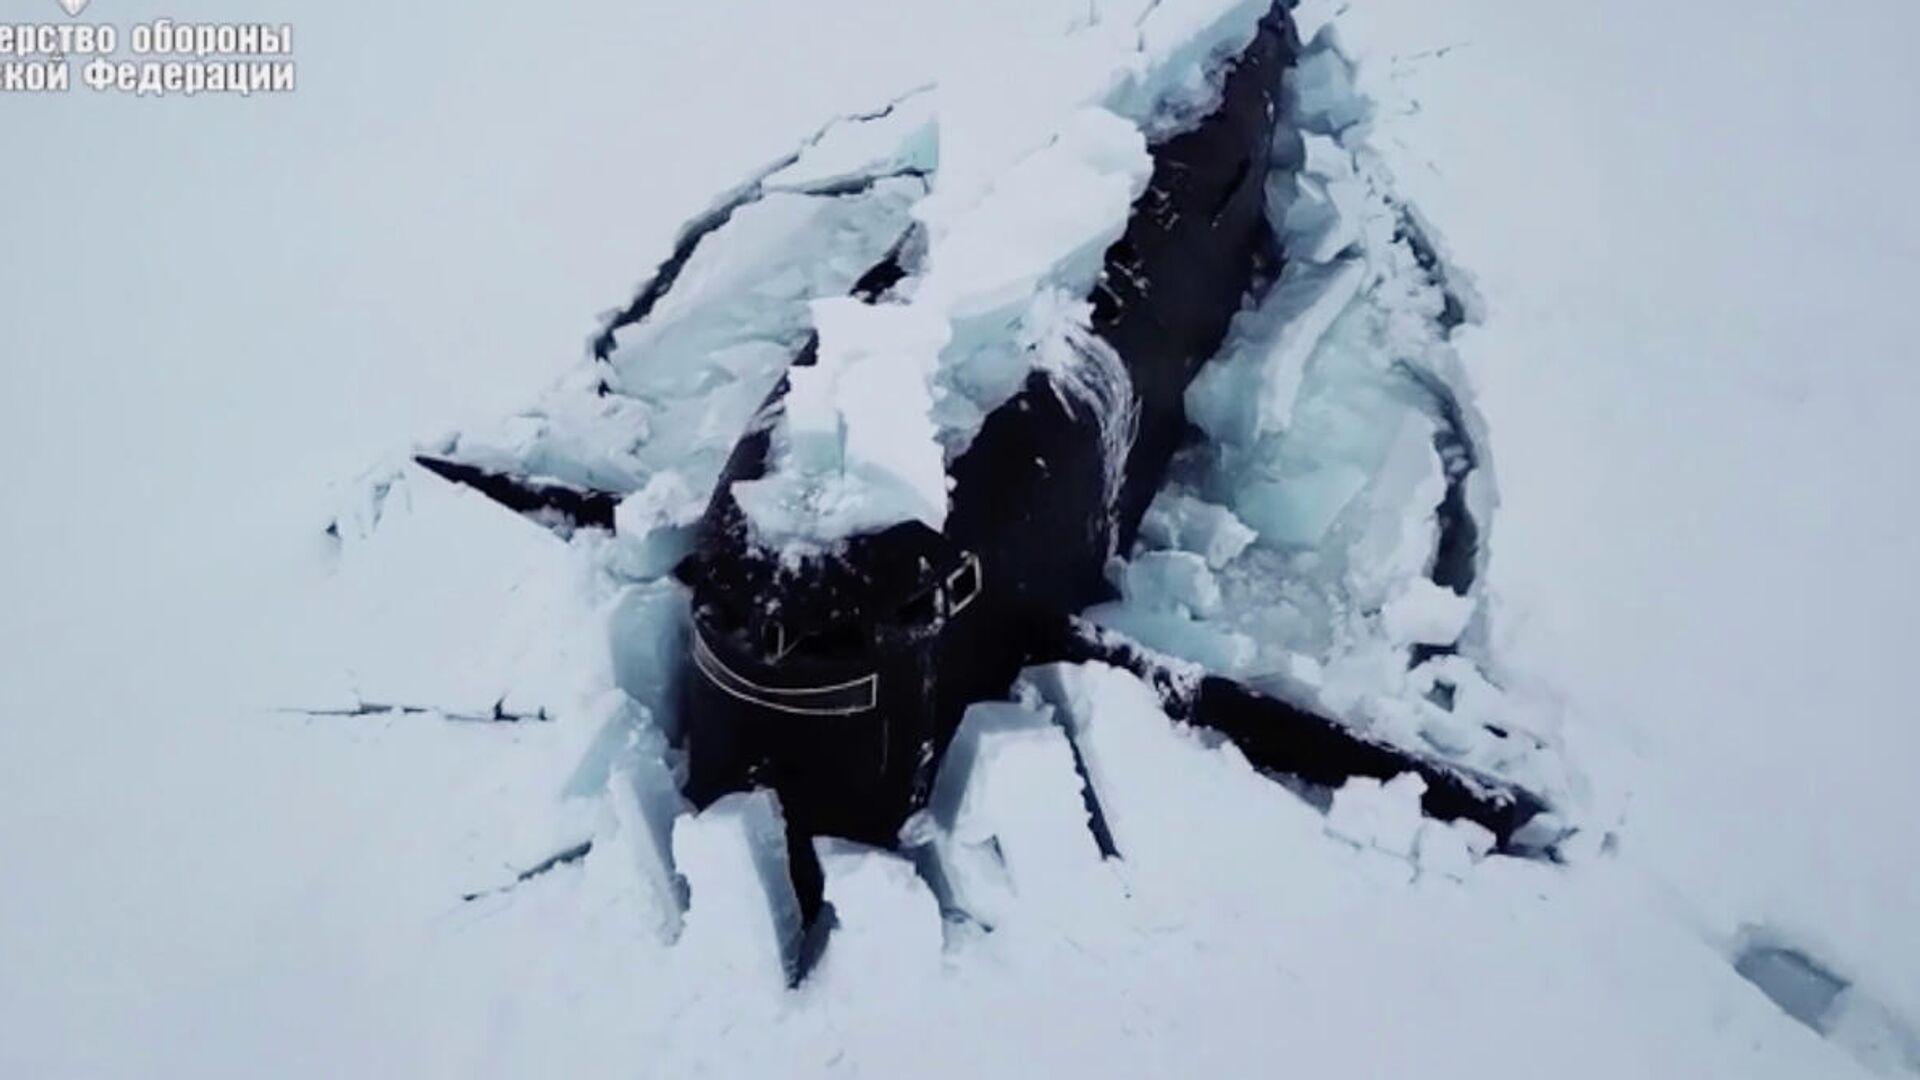 Три атомные подводные лодки одновременно всплыли, проломив лед в Арктике. Кадр видео - РИА Новости, 1920, 27.03.2021